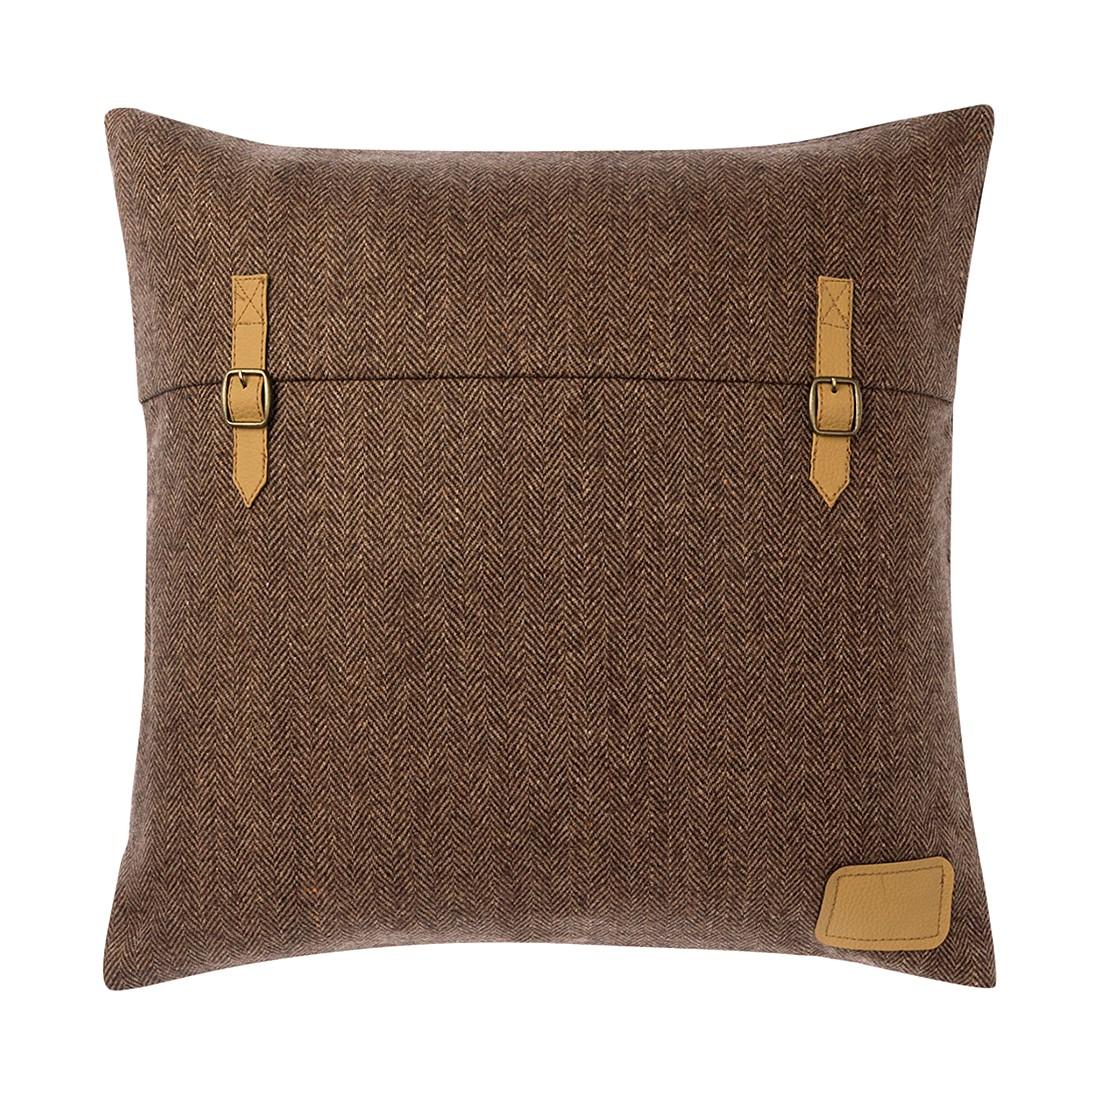 Kissen Kars – 45 X 45 cm, Kiesel, Baumwolle – Kissenhülle, mit Füllung, Dutch Decor jetzt bestellen